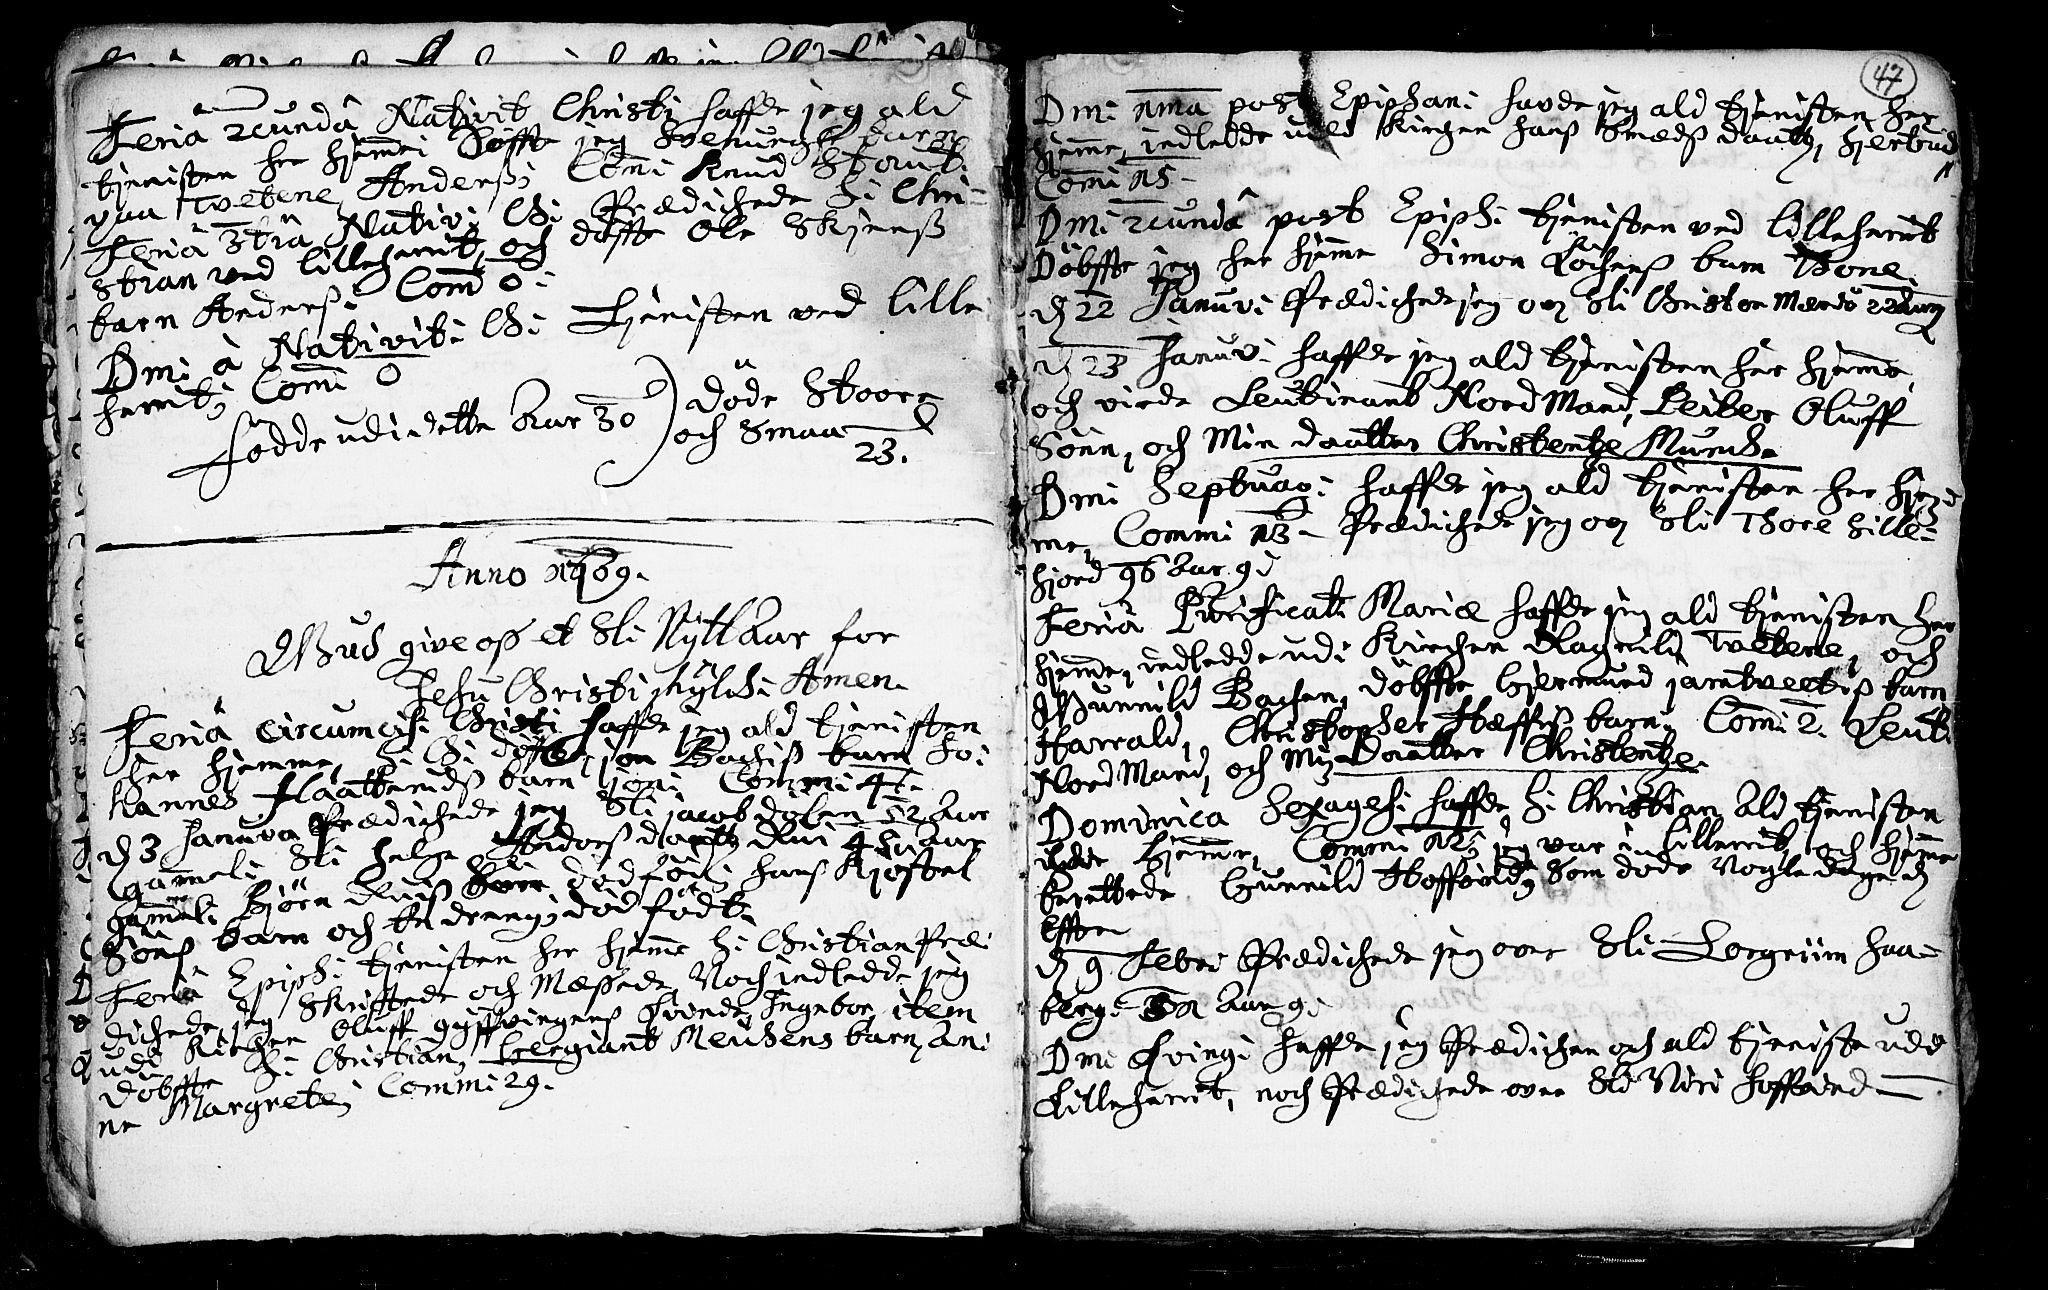 SAKO, Heddal kirkebøker, F/Fa/L0002: Ministerialbok nr. I 2, 1699-1722, s. 47